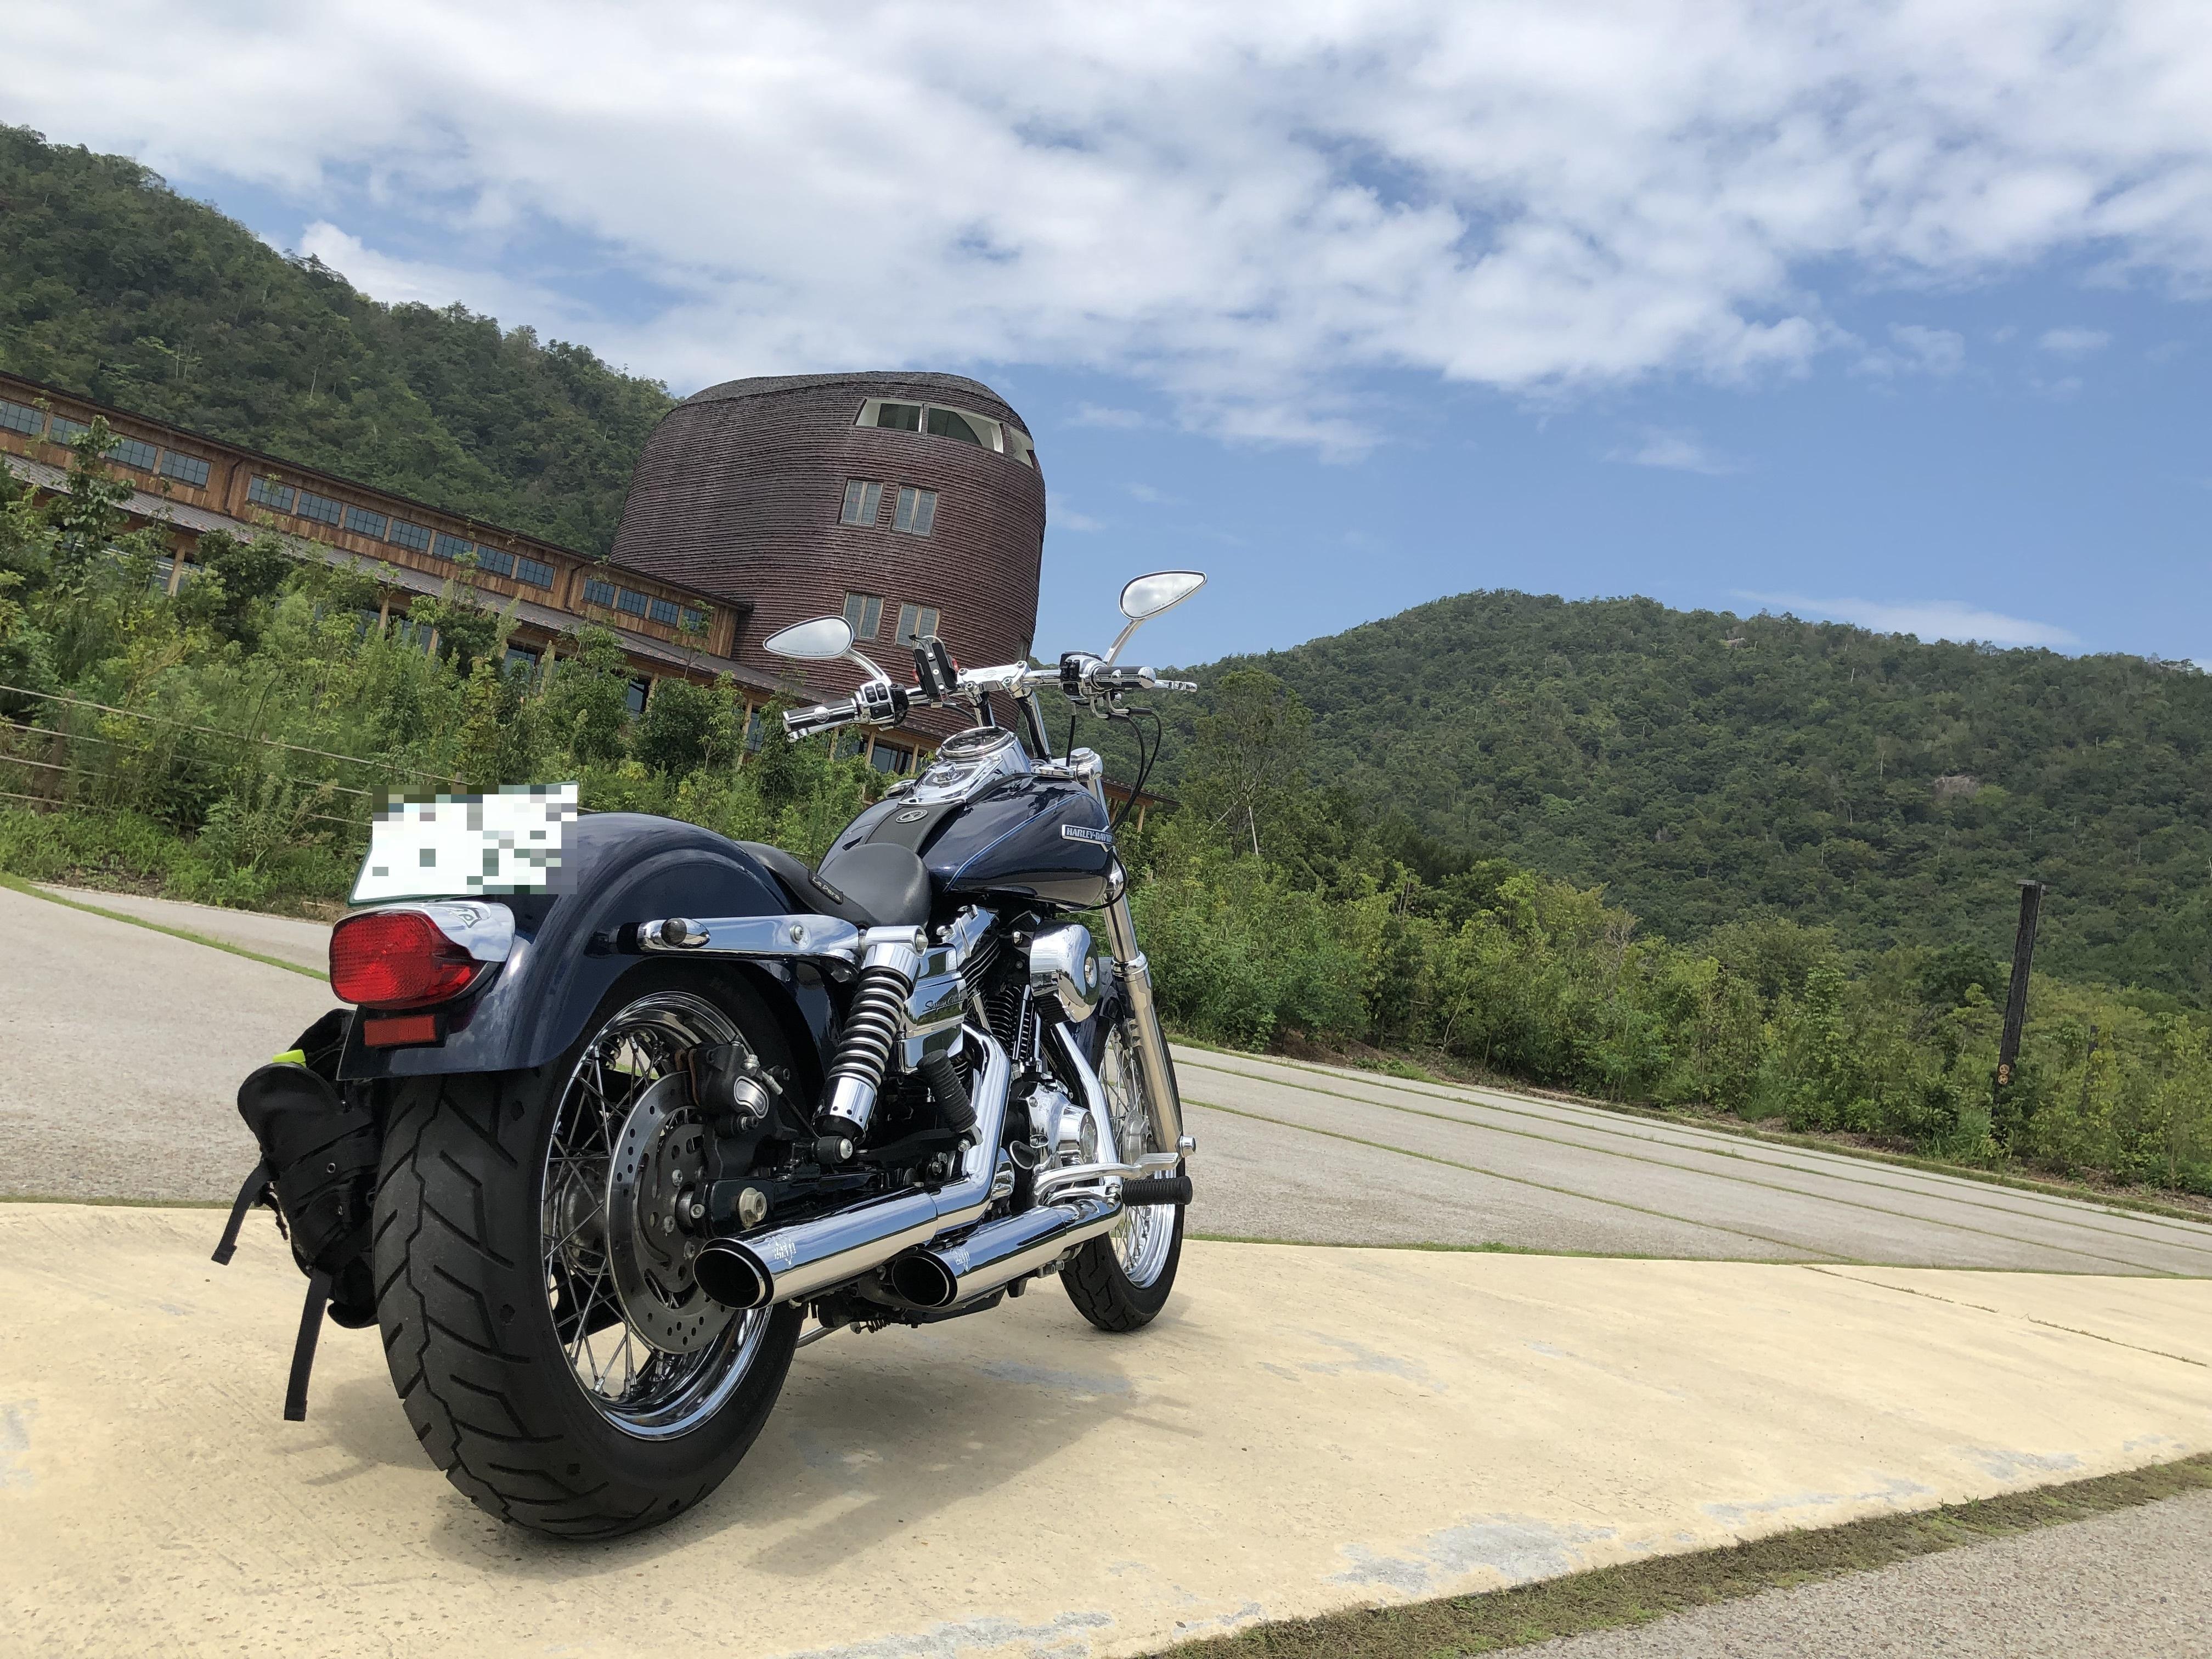 ハーレーとカワサキで行く近江八幡ツーリング ラ・コリーナ 駐車場